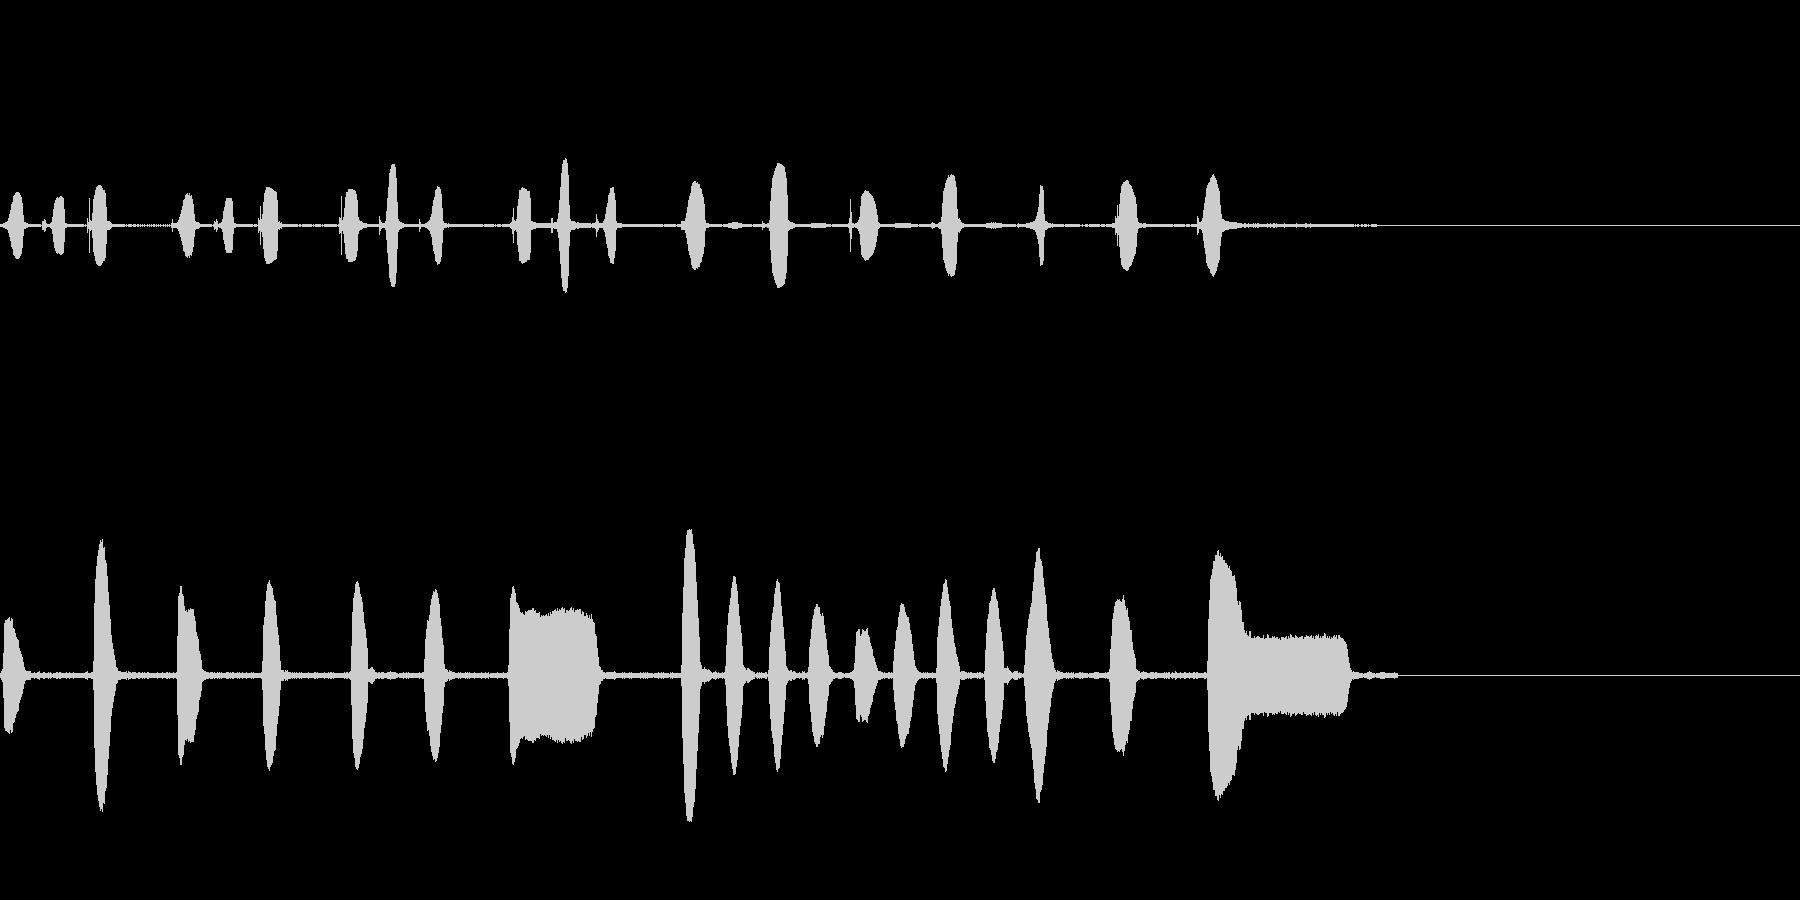 生録音ピアニカとリコーダーのサウンドロゴの未再生の波形